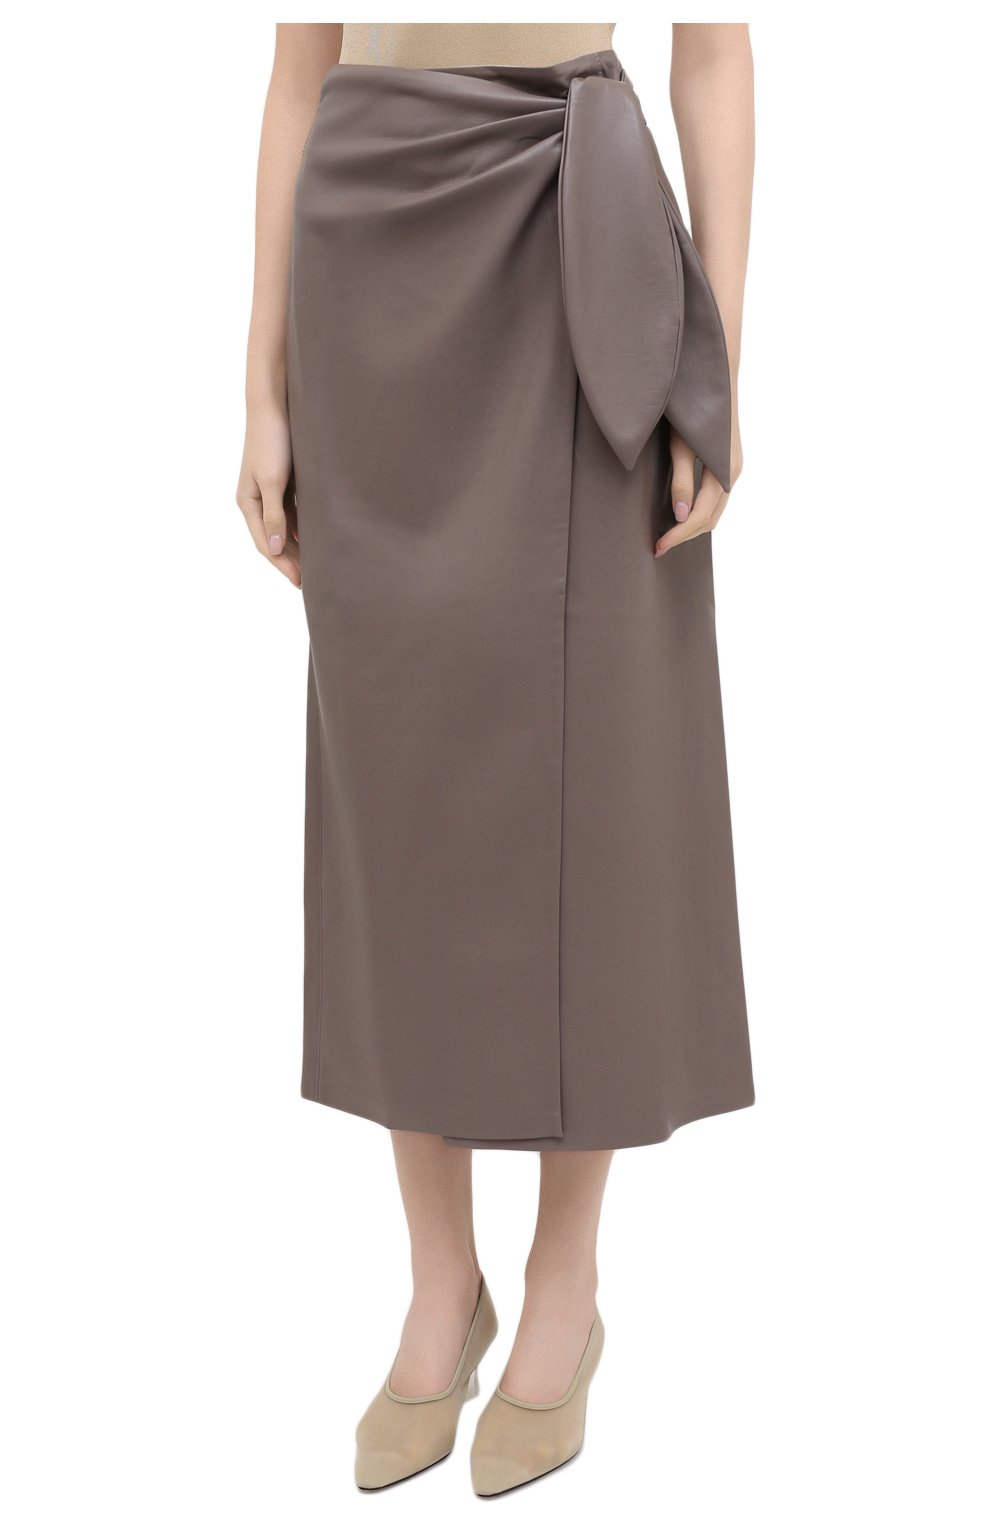 Женская юбка из экокожи NANUSHKA серого цвета, арт. AMAS_CLAY_VEGAN LEATHER | Фото 3